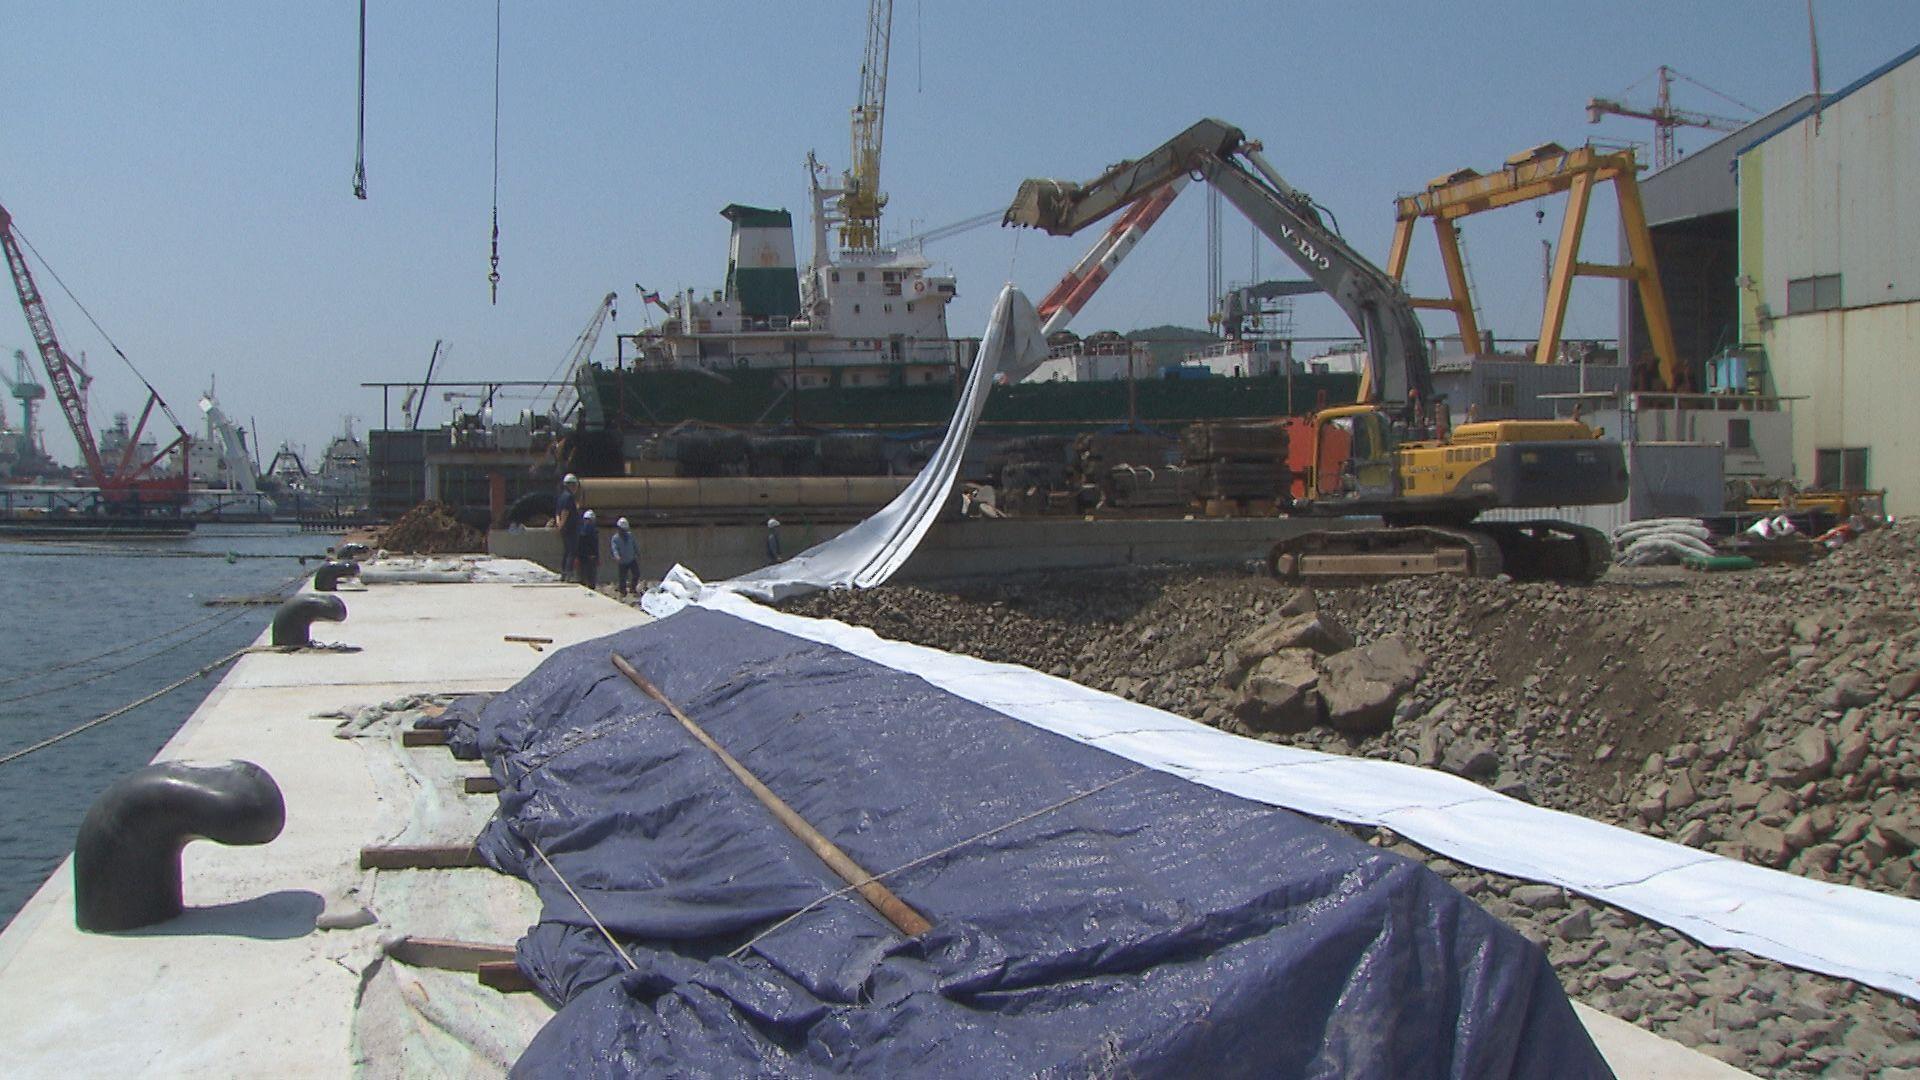 부산 감천항 일대에서 민간 수리조선기업이 직접 바다를 매립해 60m 길이의 수리조선 부두를 만들고 있다.